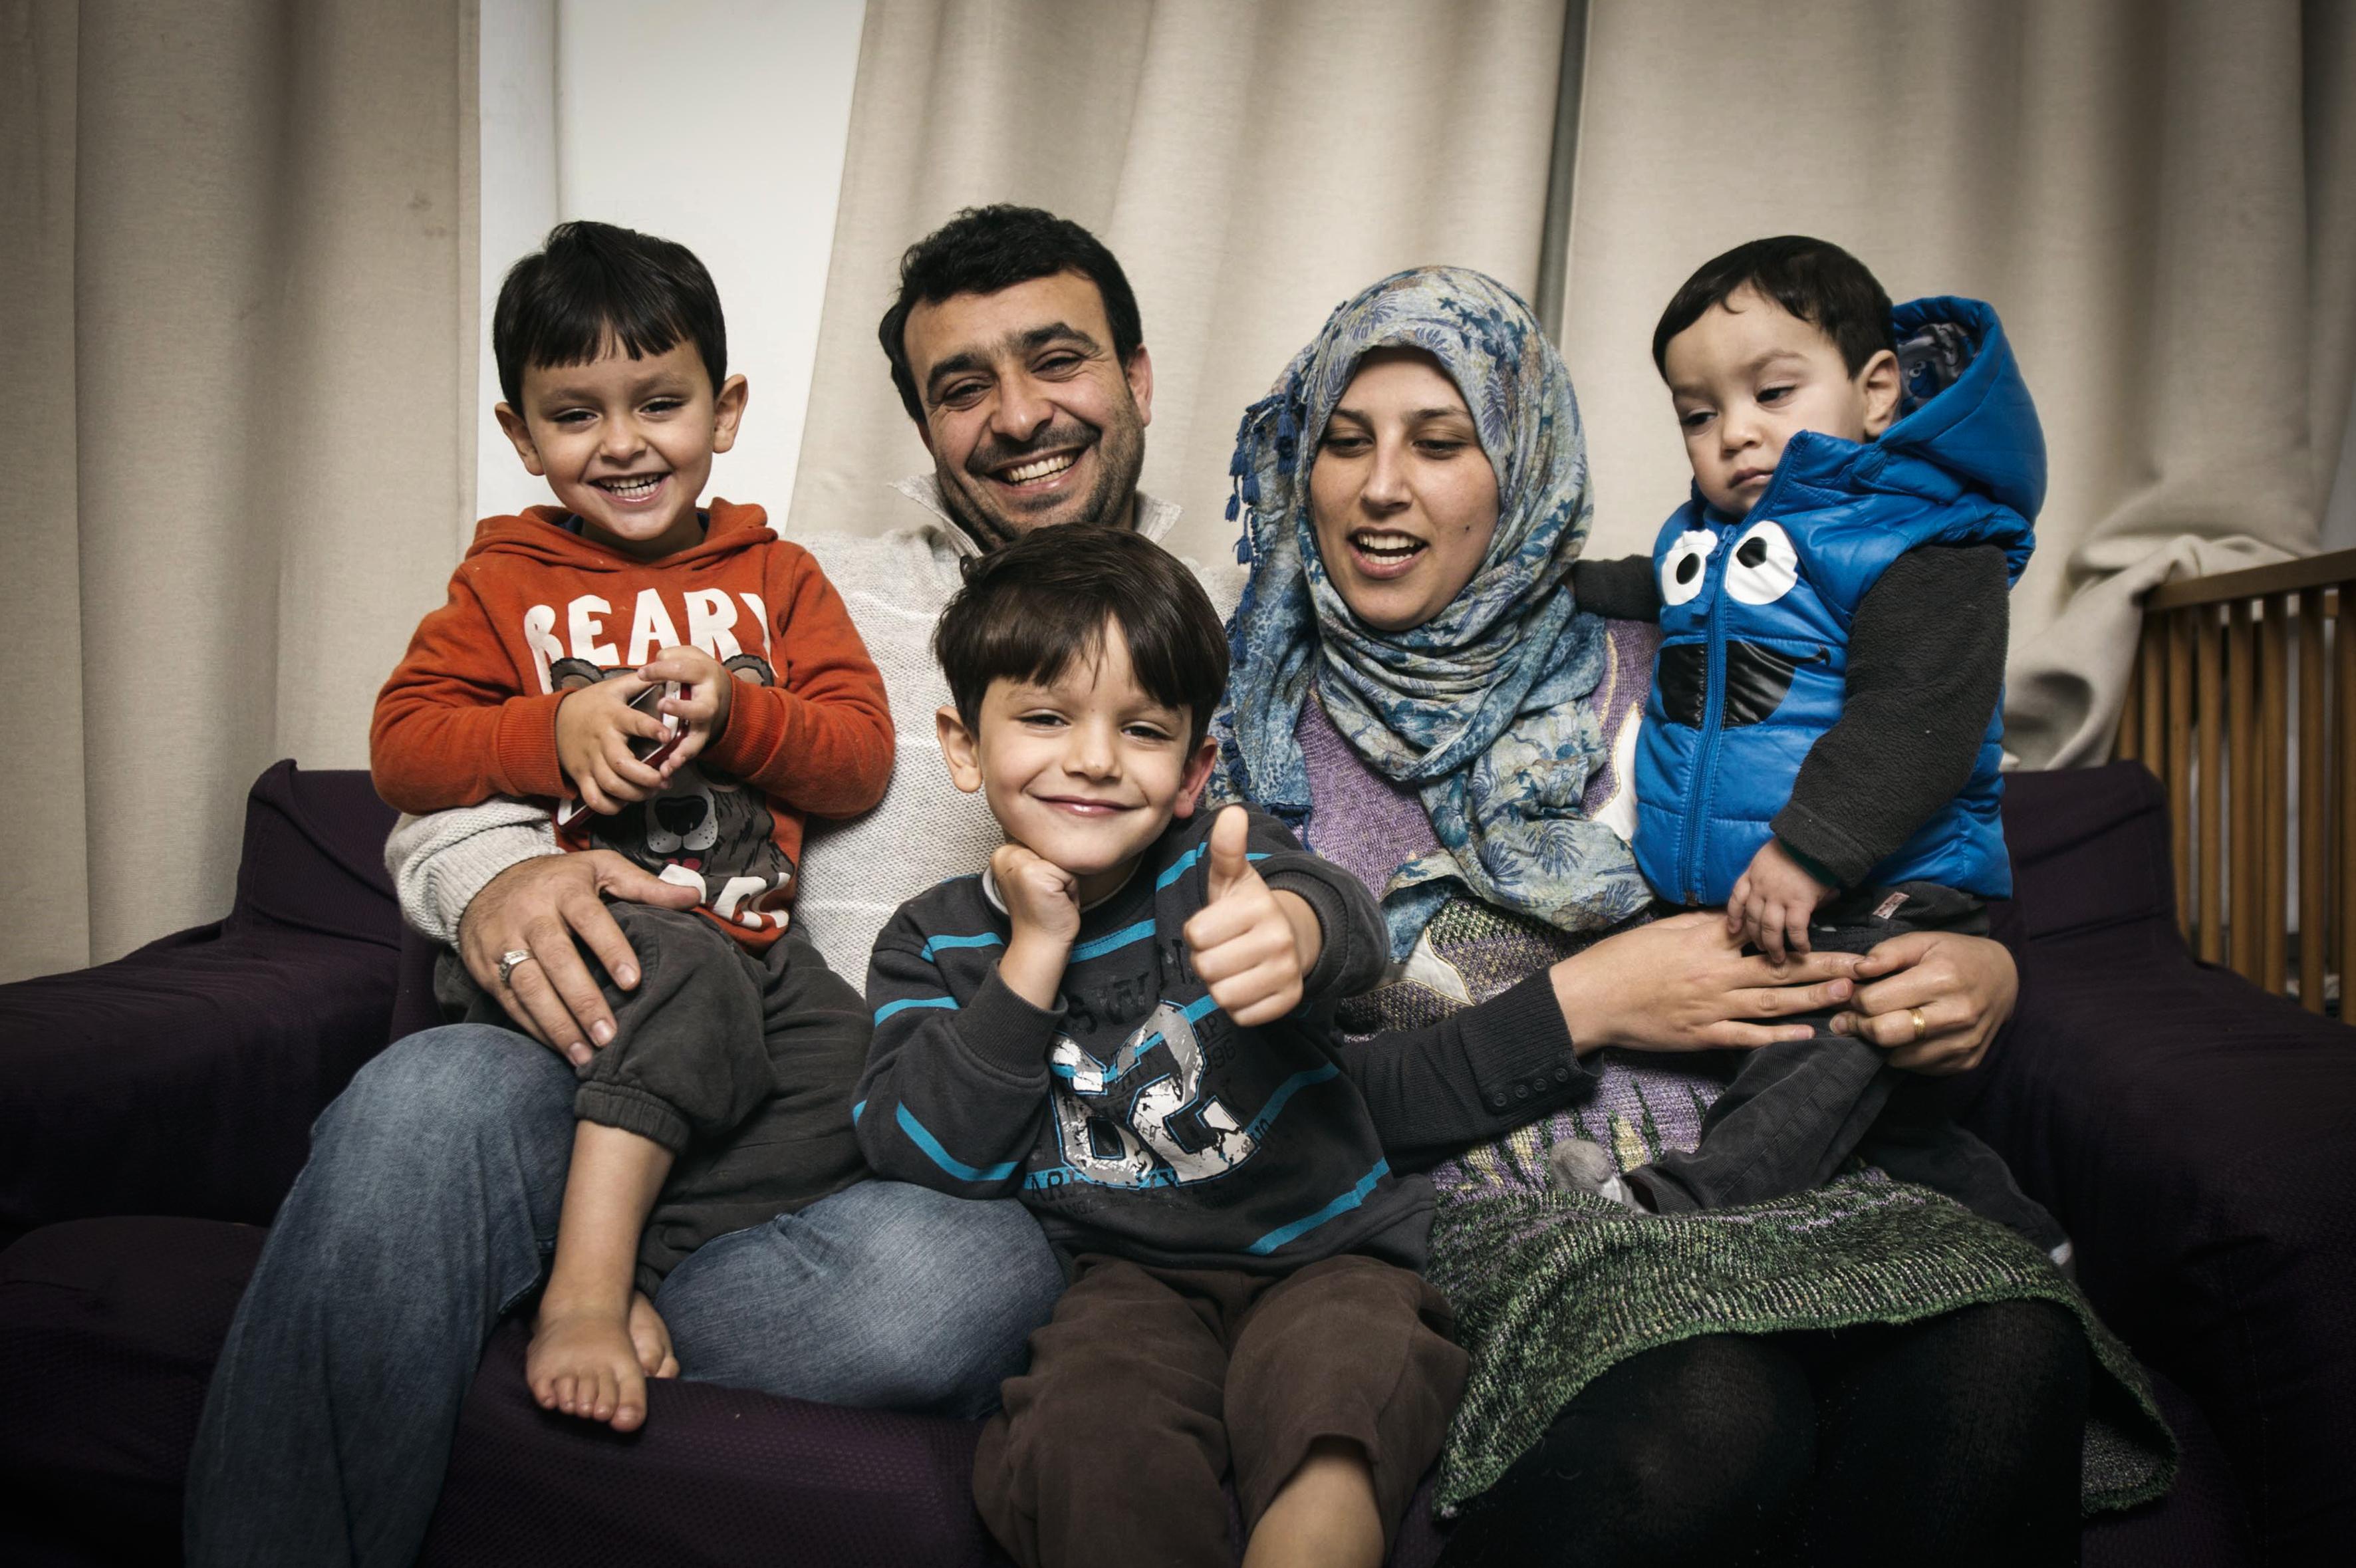 het gezin van Malek & Fathima ©Jan Van Bostraeten